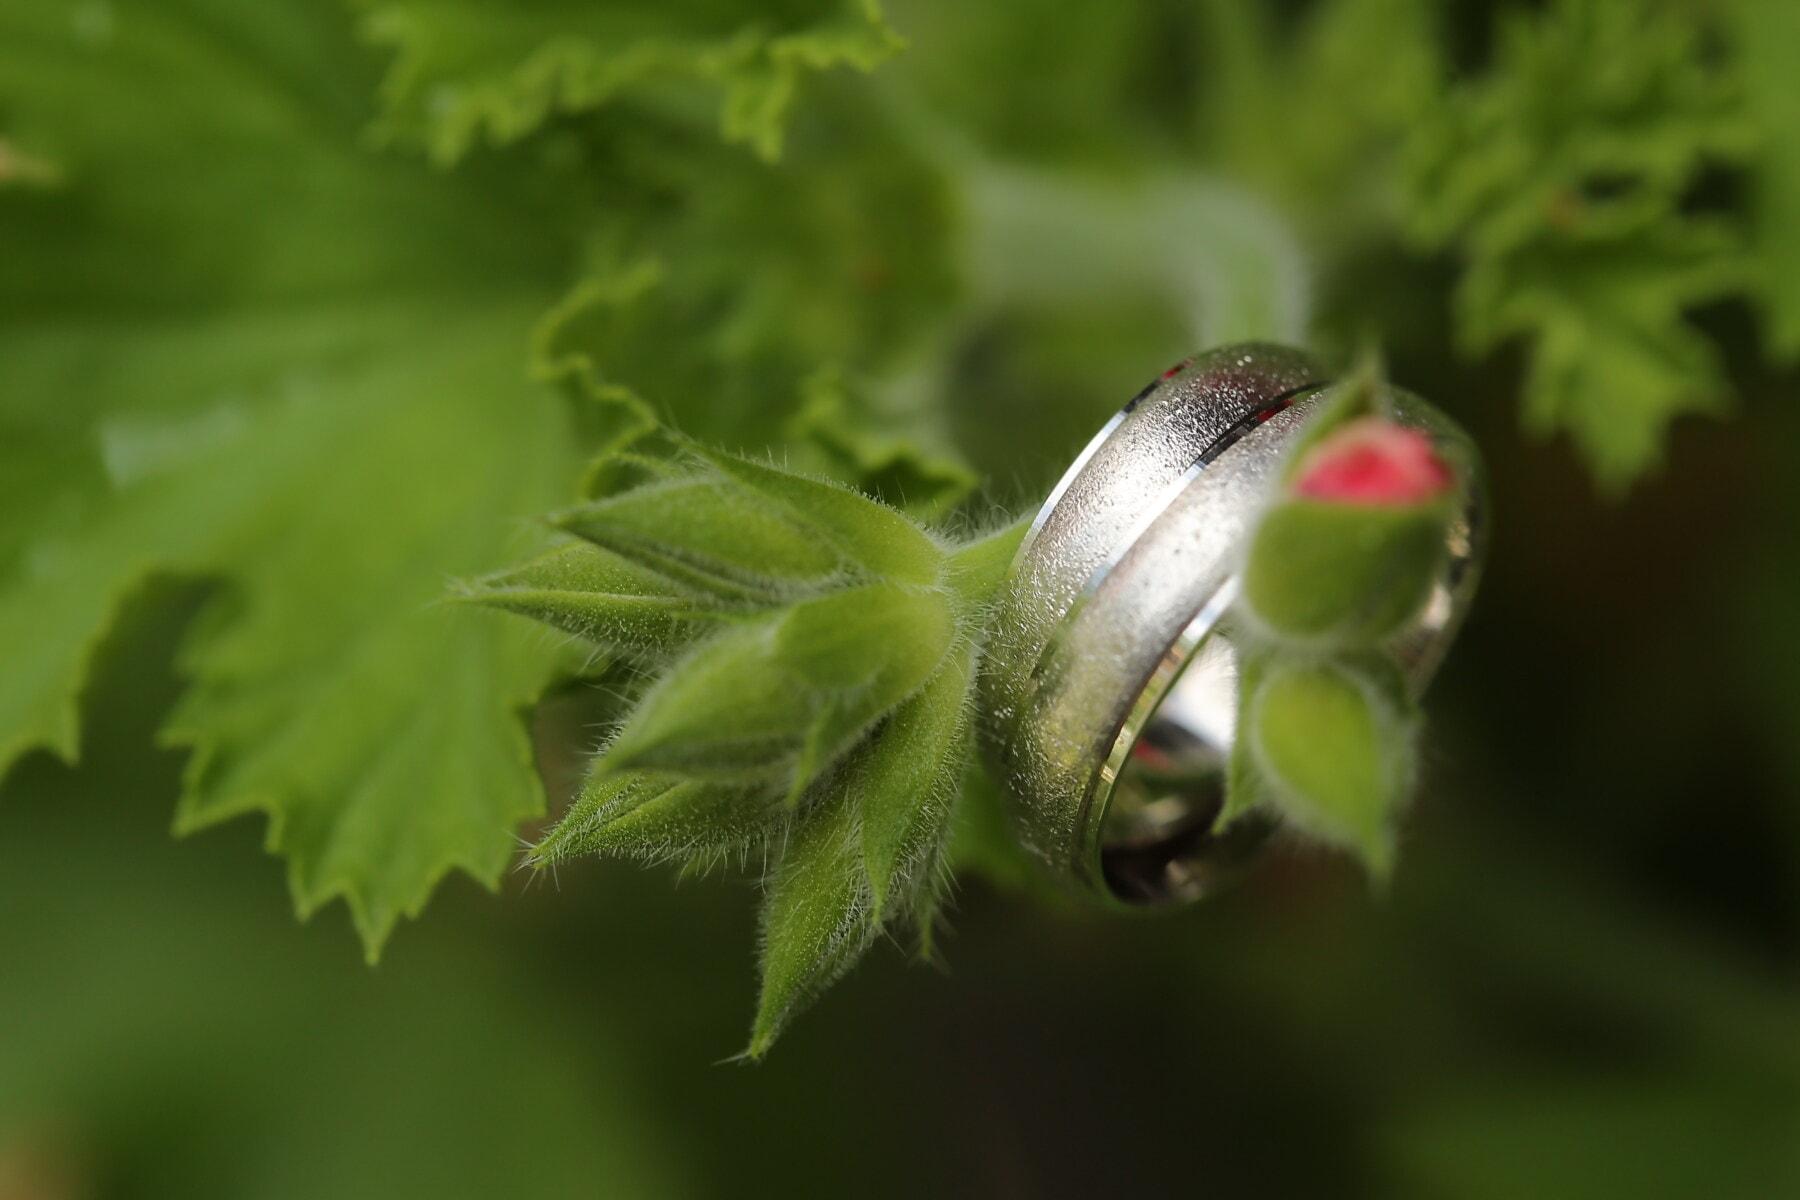 blomst knopp, sølv, ringer, detaljer, nært hold, grønne blader, makro, blad, flora, busk